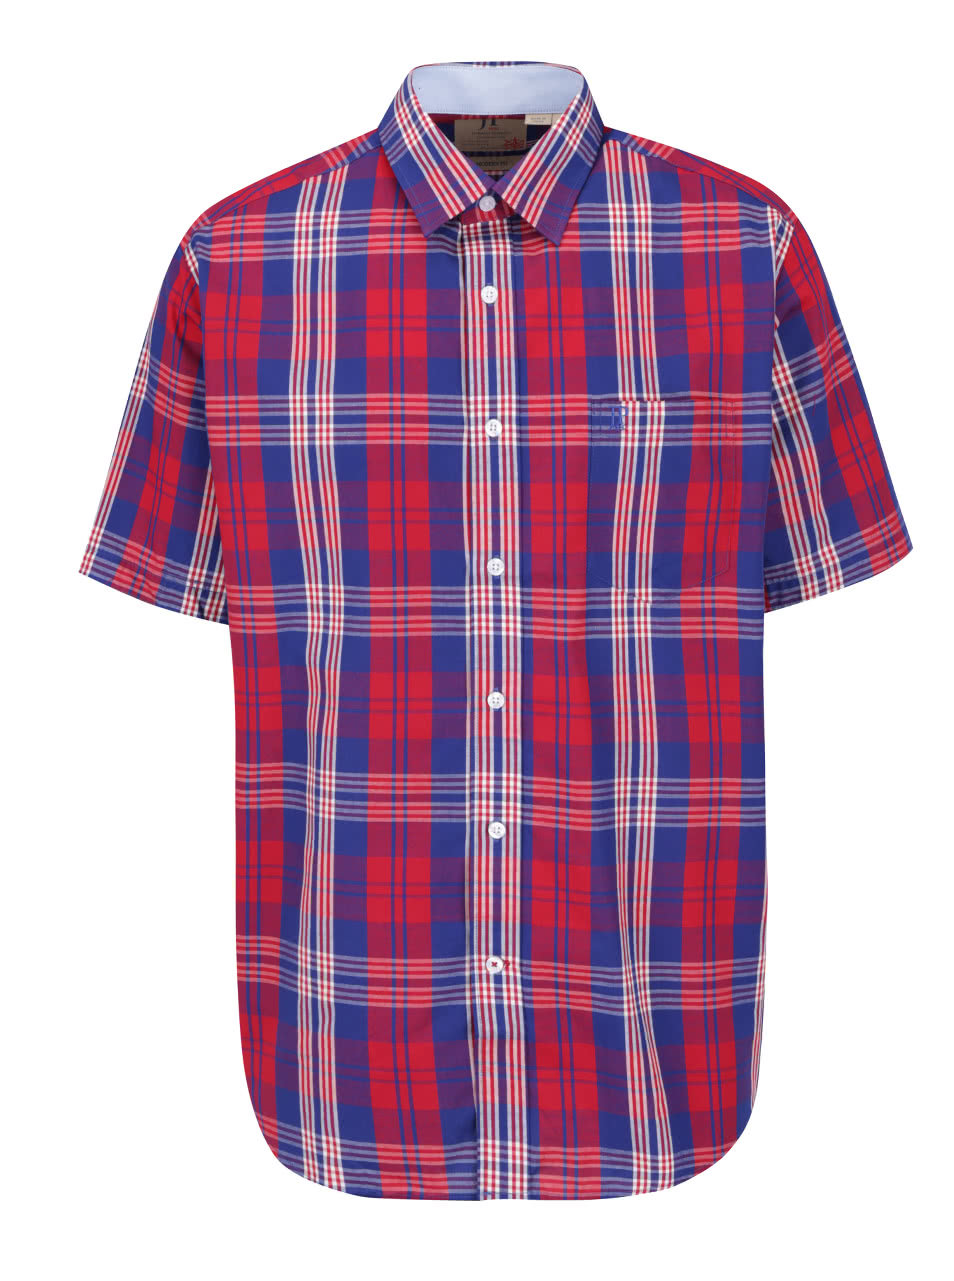 Modro-červená kostkovaná košile s krátkým rukávem JP 1880 ... 1147afaf33